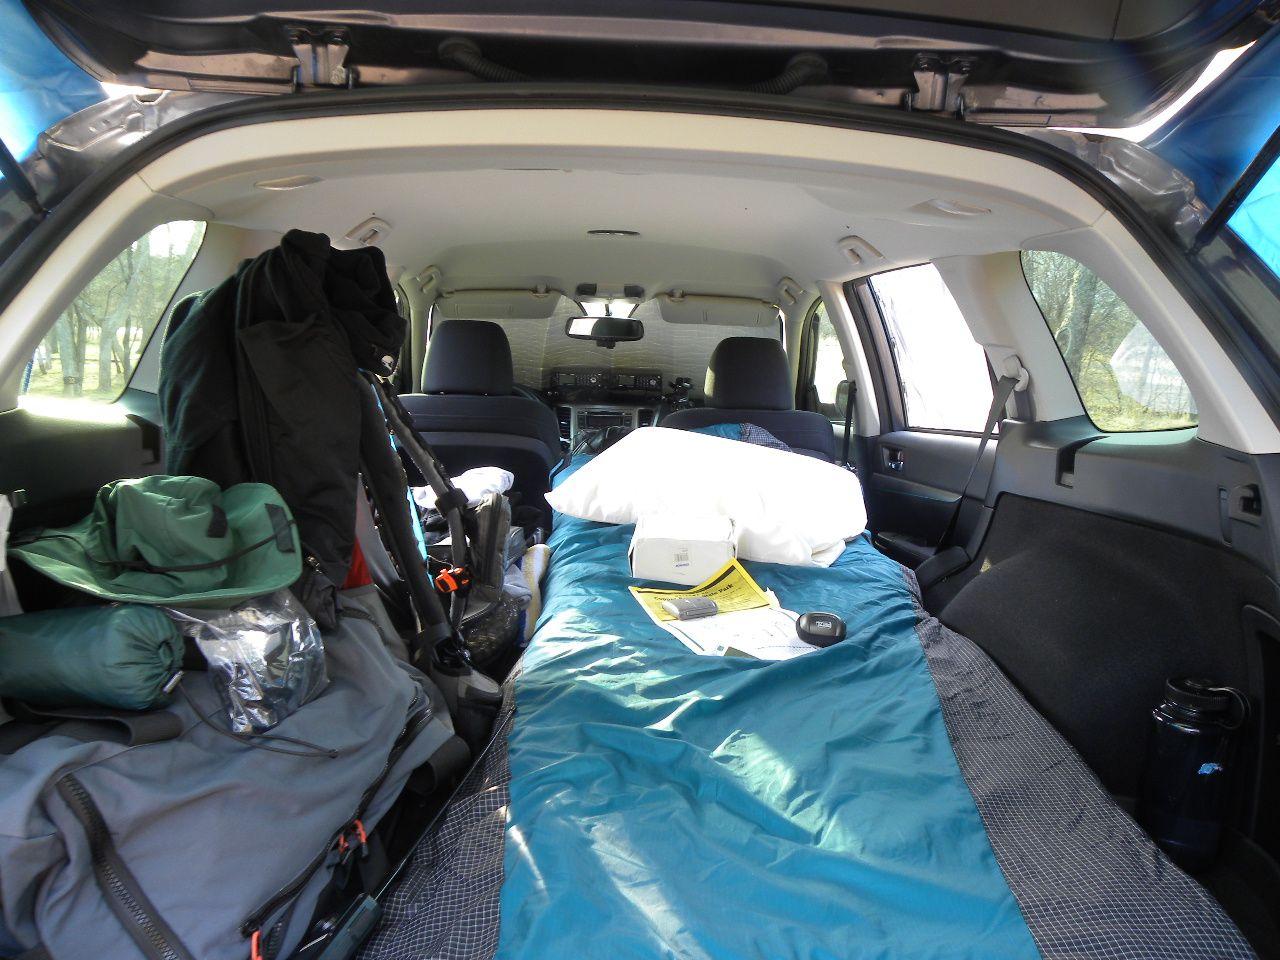 subaru outback camping camping vehicles car camping